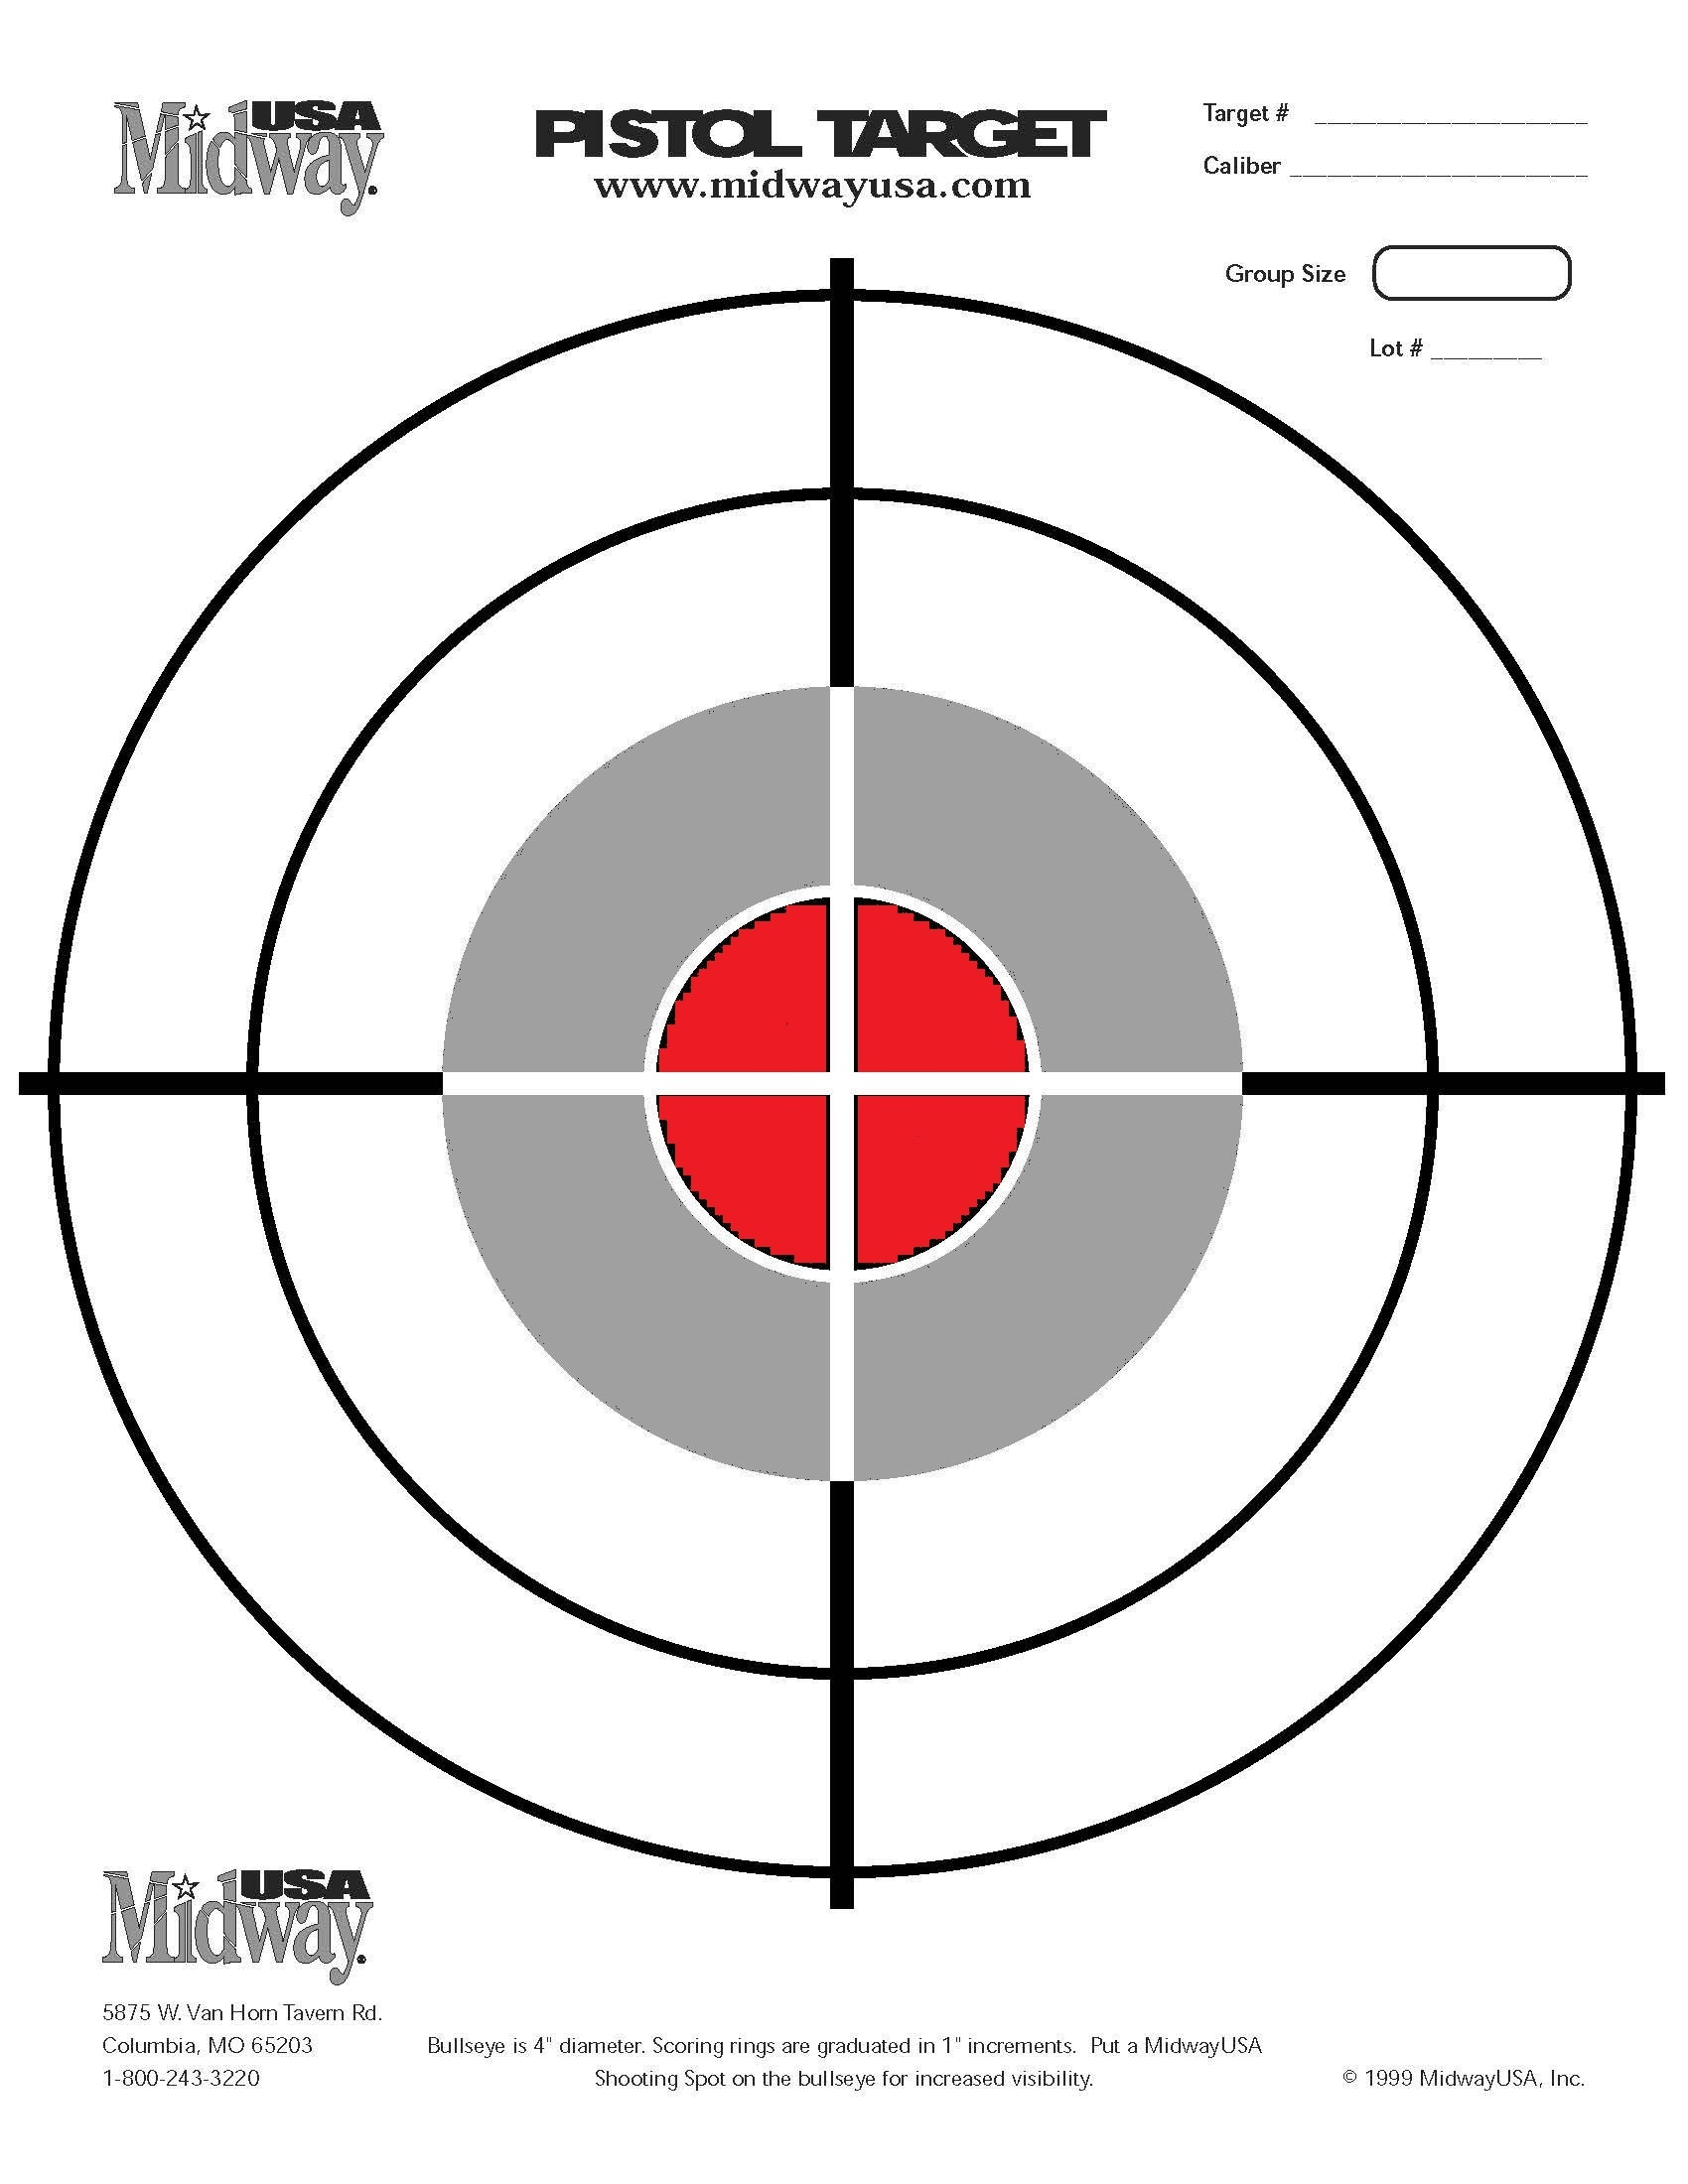 60 Fun Printable Targets | Kittybabylove - Free Printable Targets